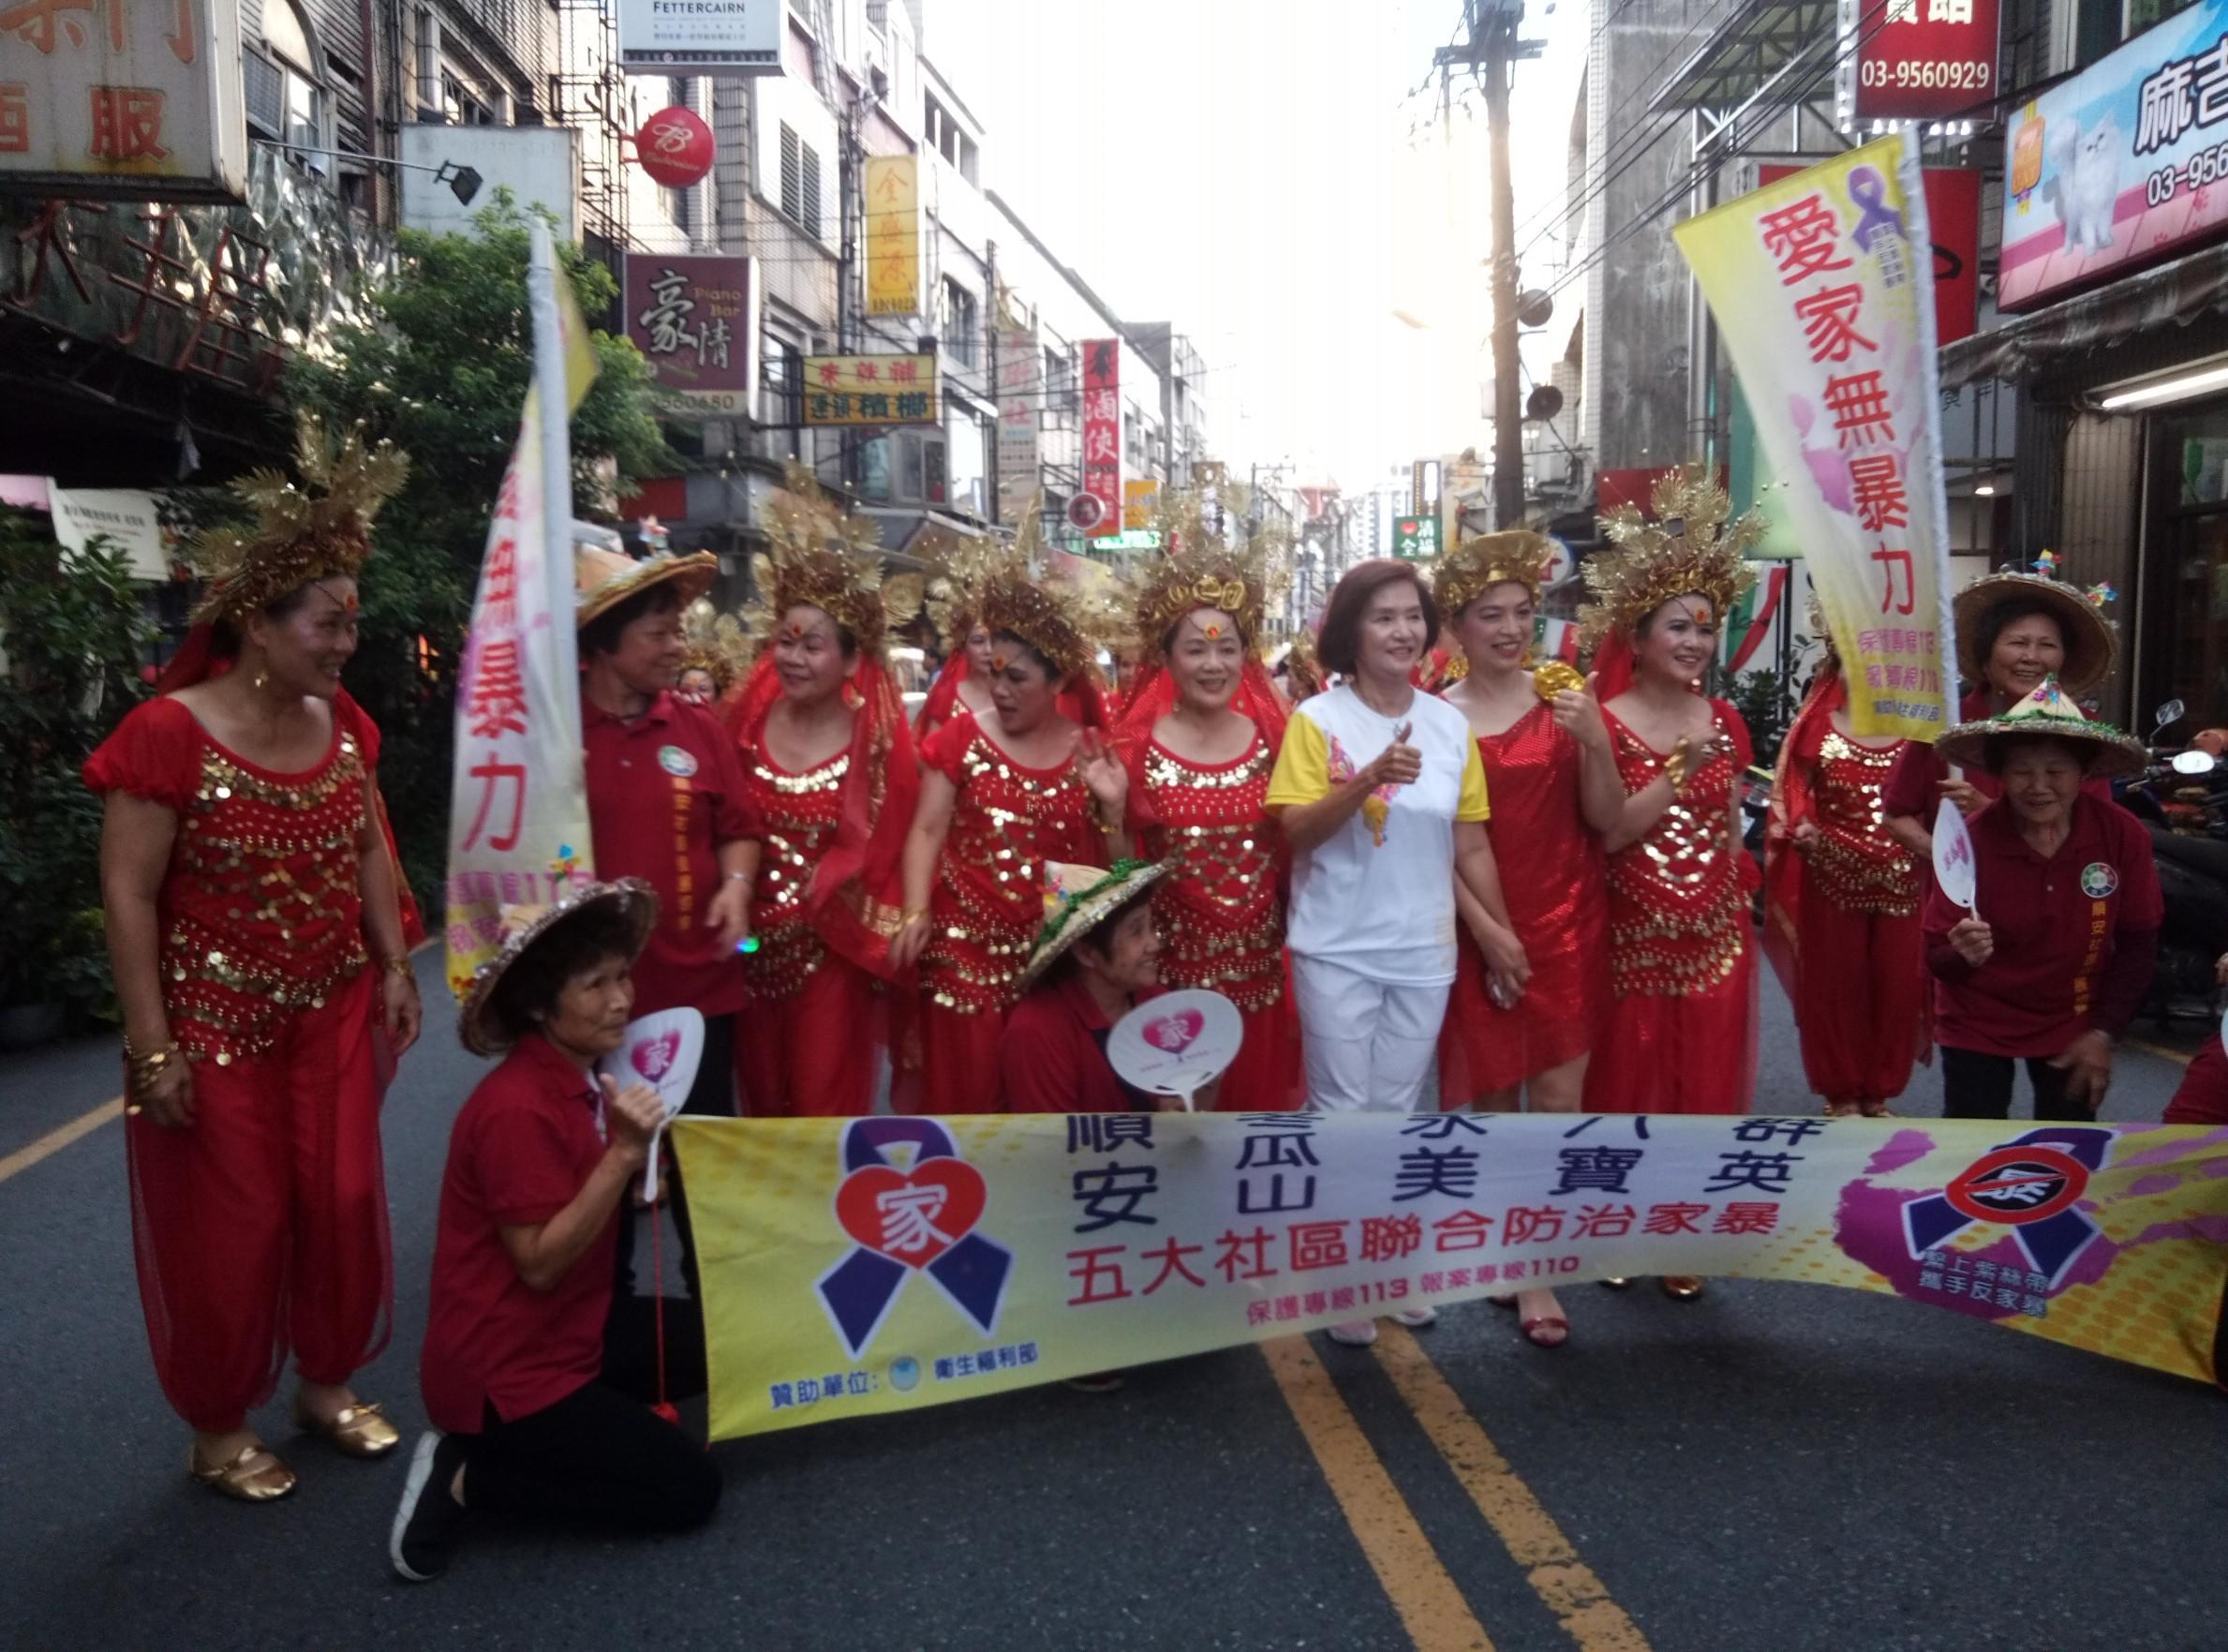 羅東藝穗節踩街暨防暴宣導活動